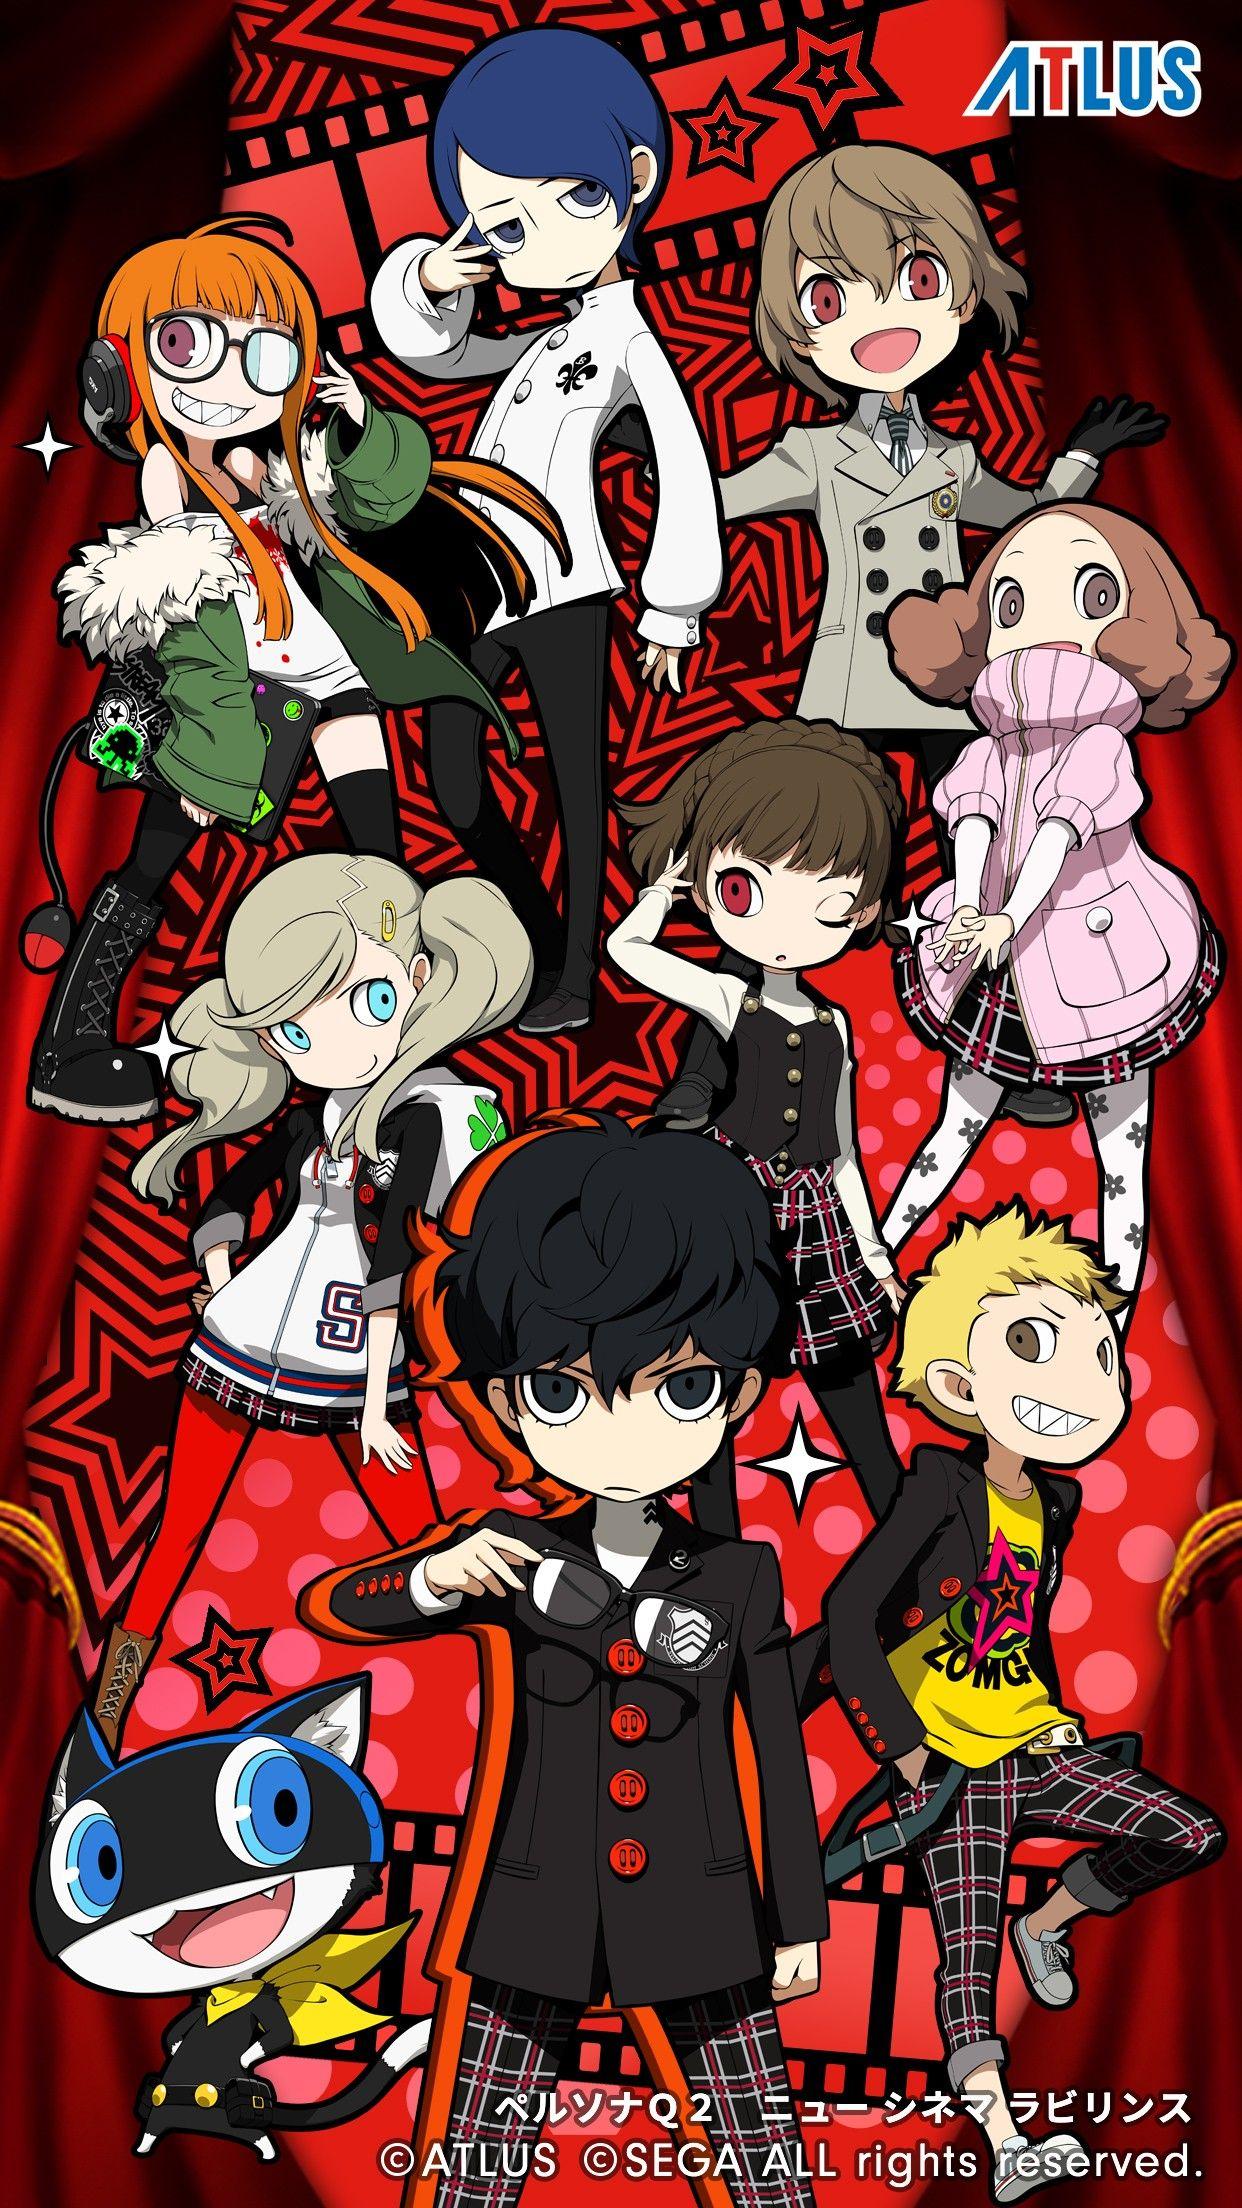 Persona Q2 Persona 5 , HD Wallpaper & Backgrounds